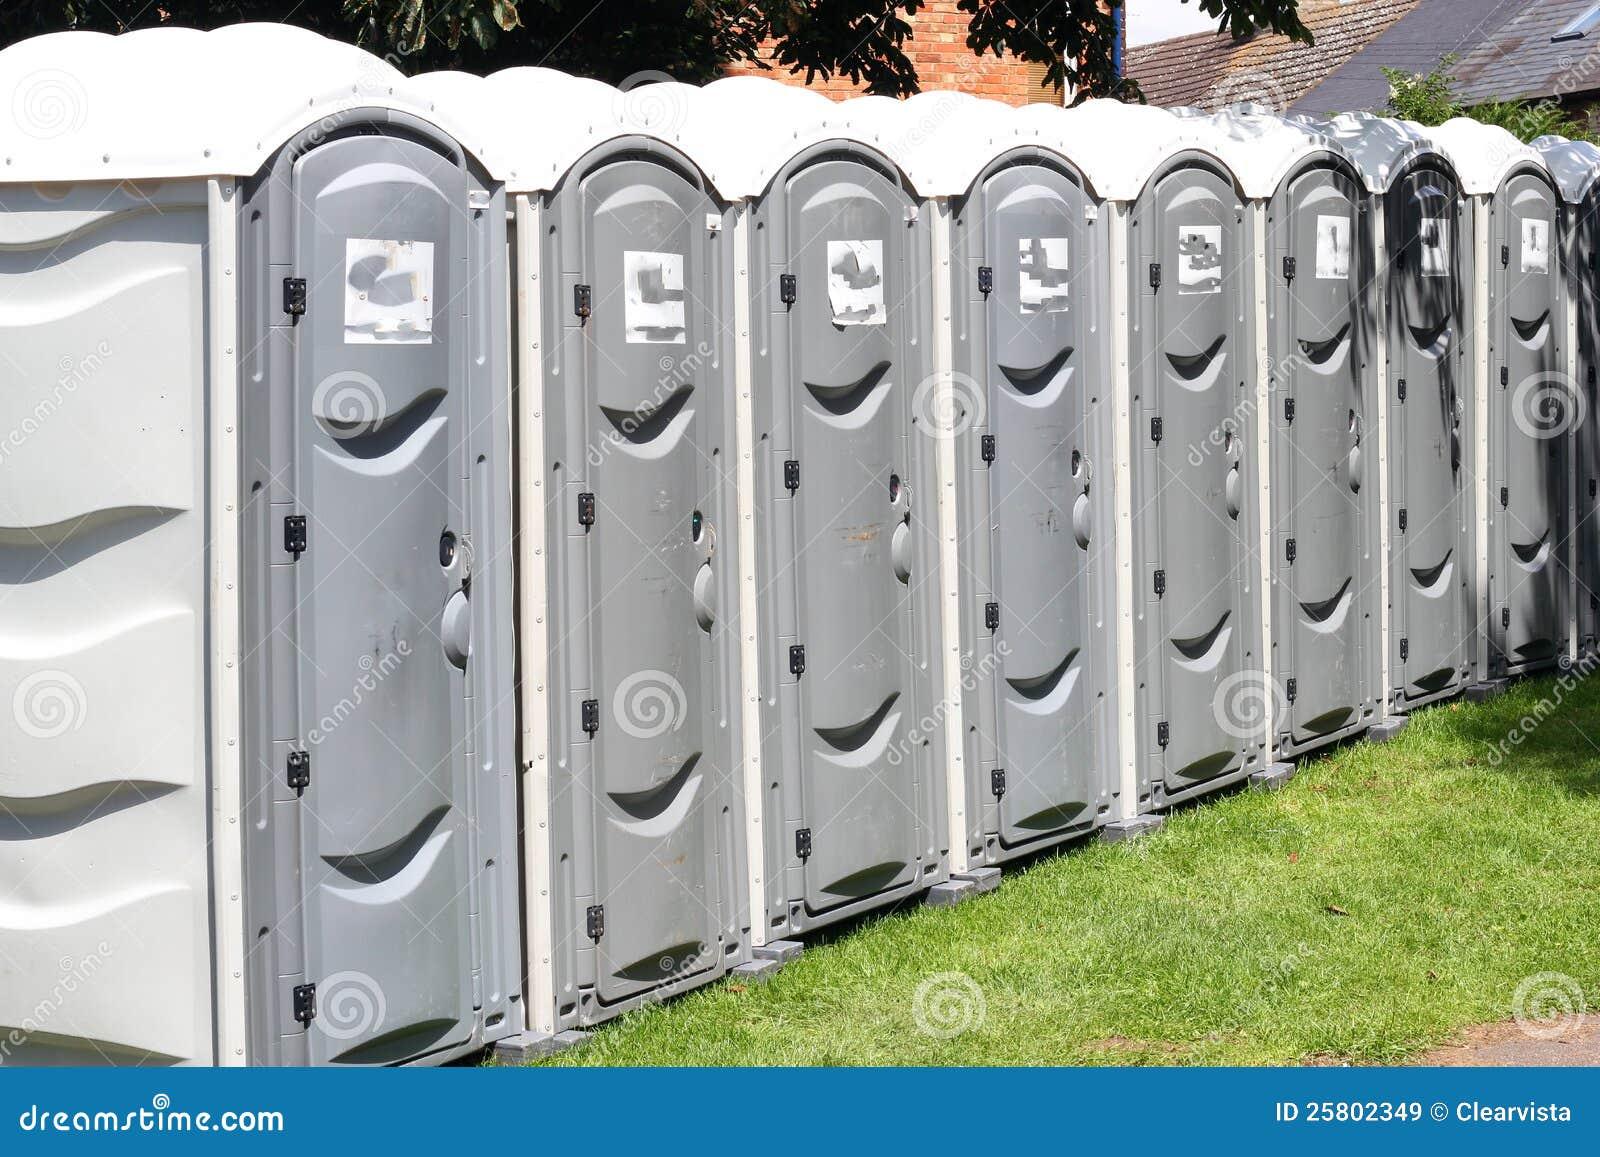 Reihe der beweglichen äußeren Toiletten.